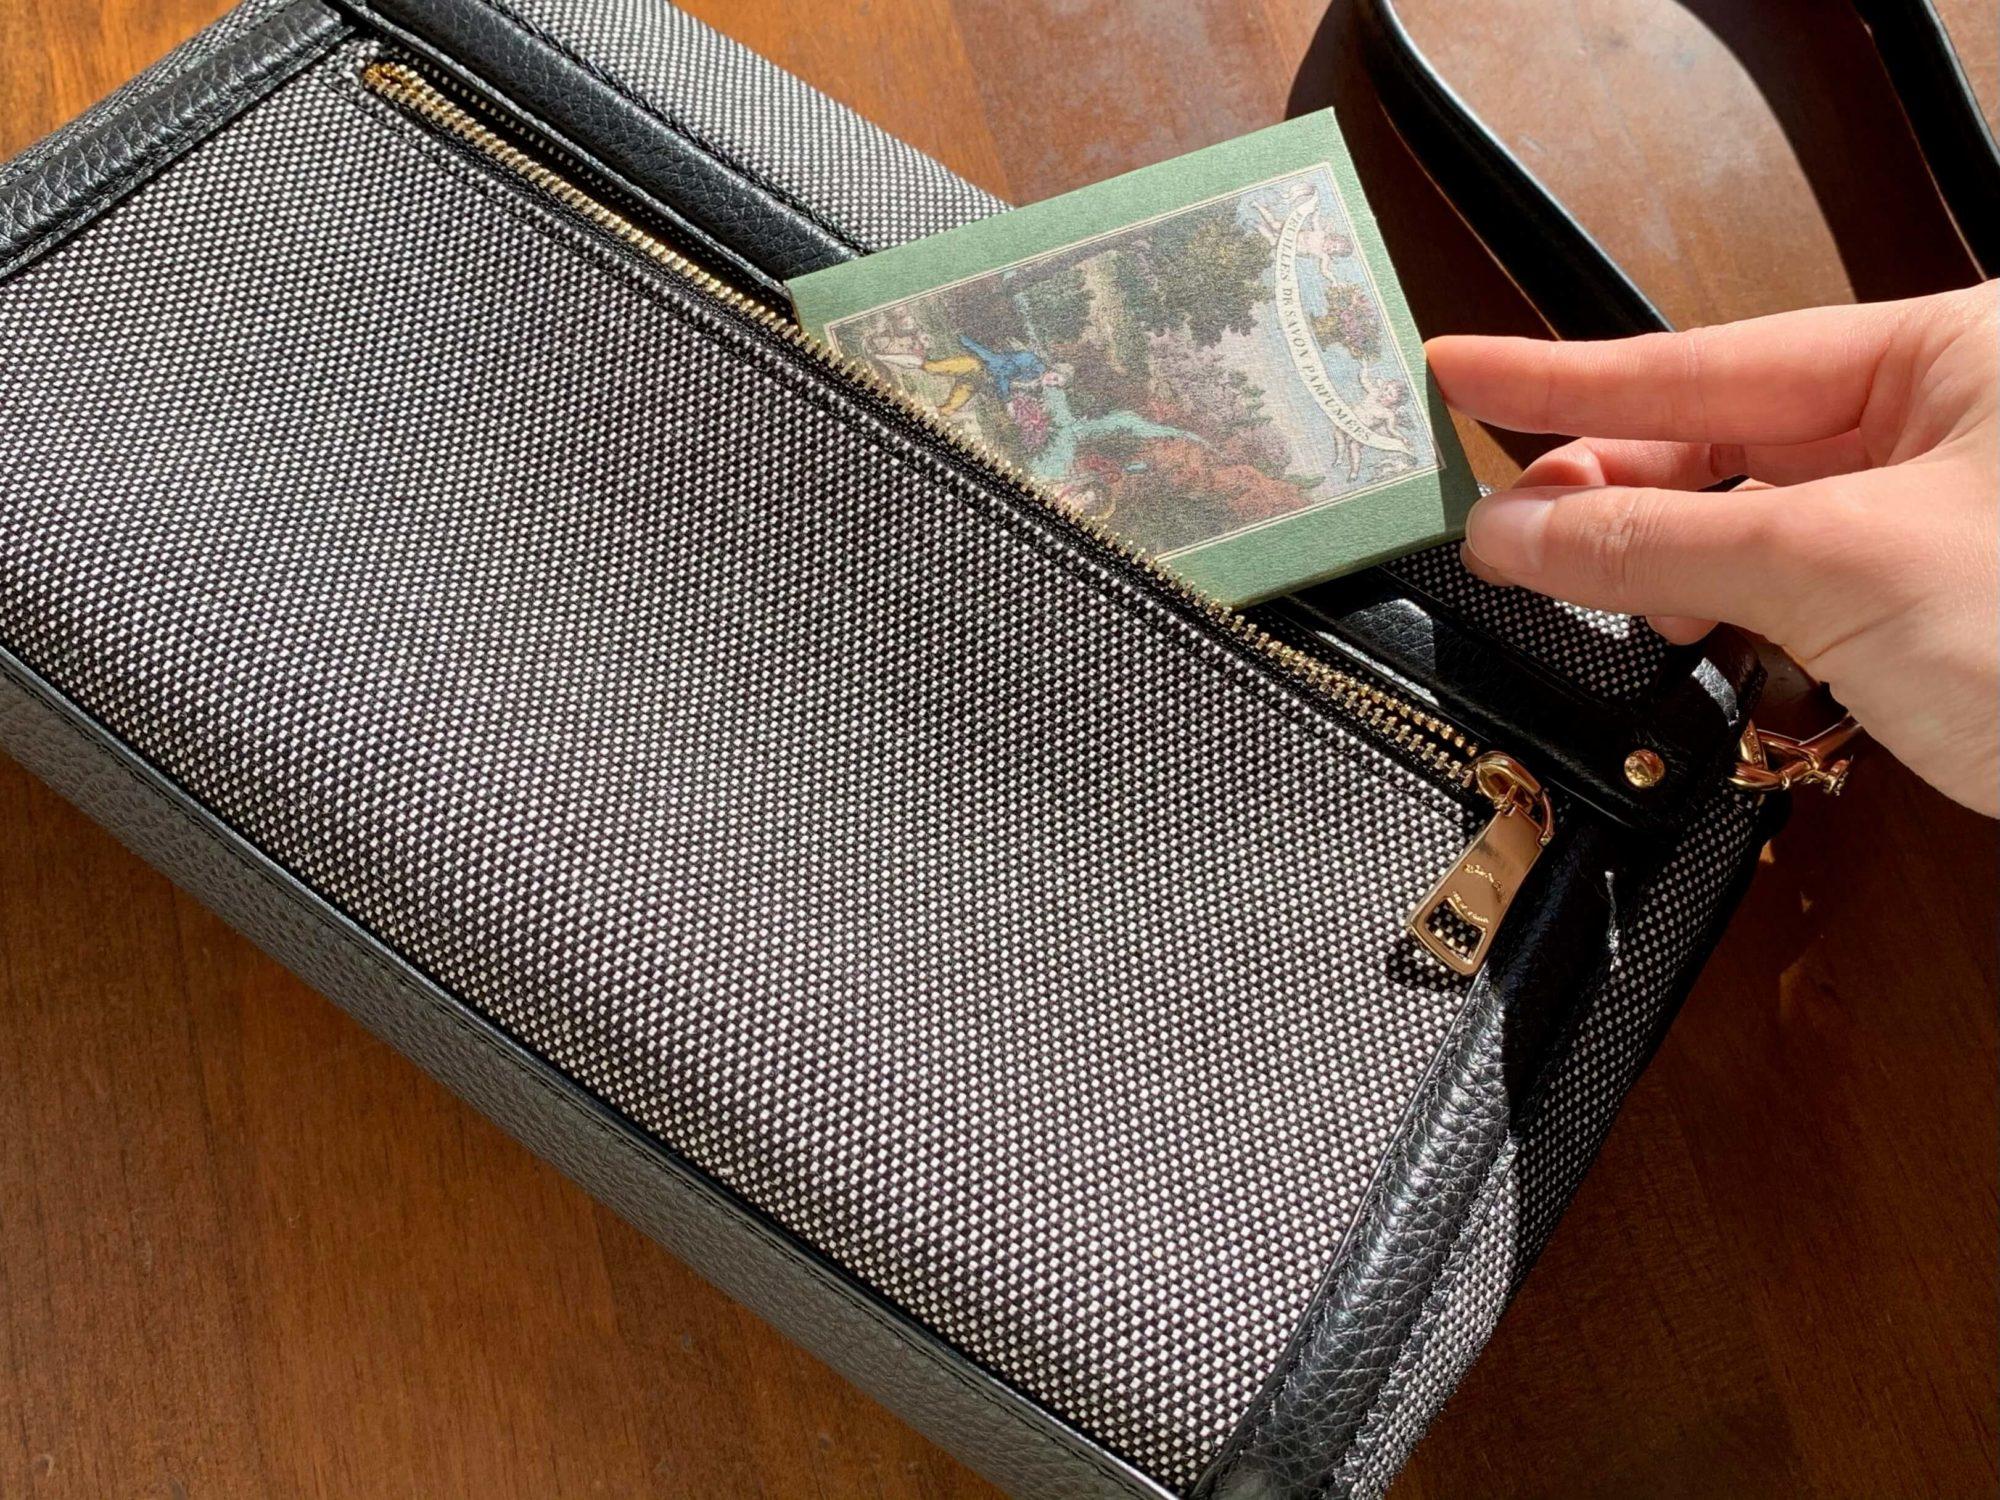 懐中紙タイプなので薄く、サッと鞄に入れやすいのもグッド。紙石鹸でお気に入りの香りと清潔感を持ち歩いてみませんか。